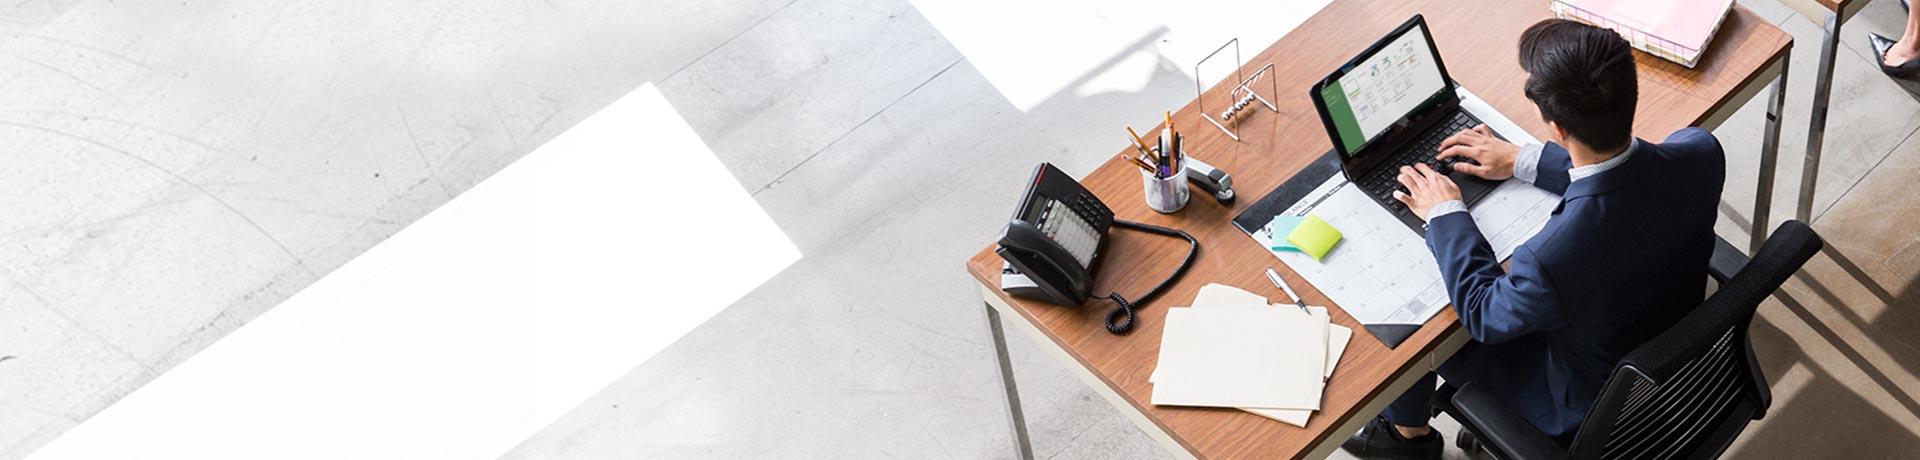 Moški sedi ob mizi v pisarni in dela v Microsoft Projectovi datoteki v prenosnem računalniku.